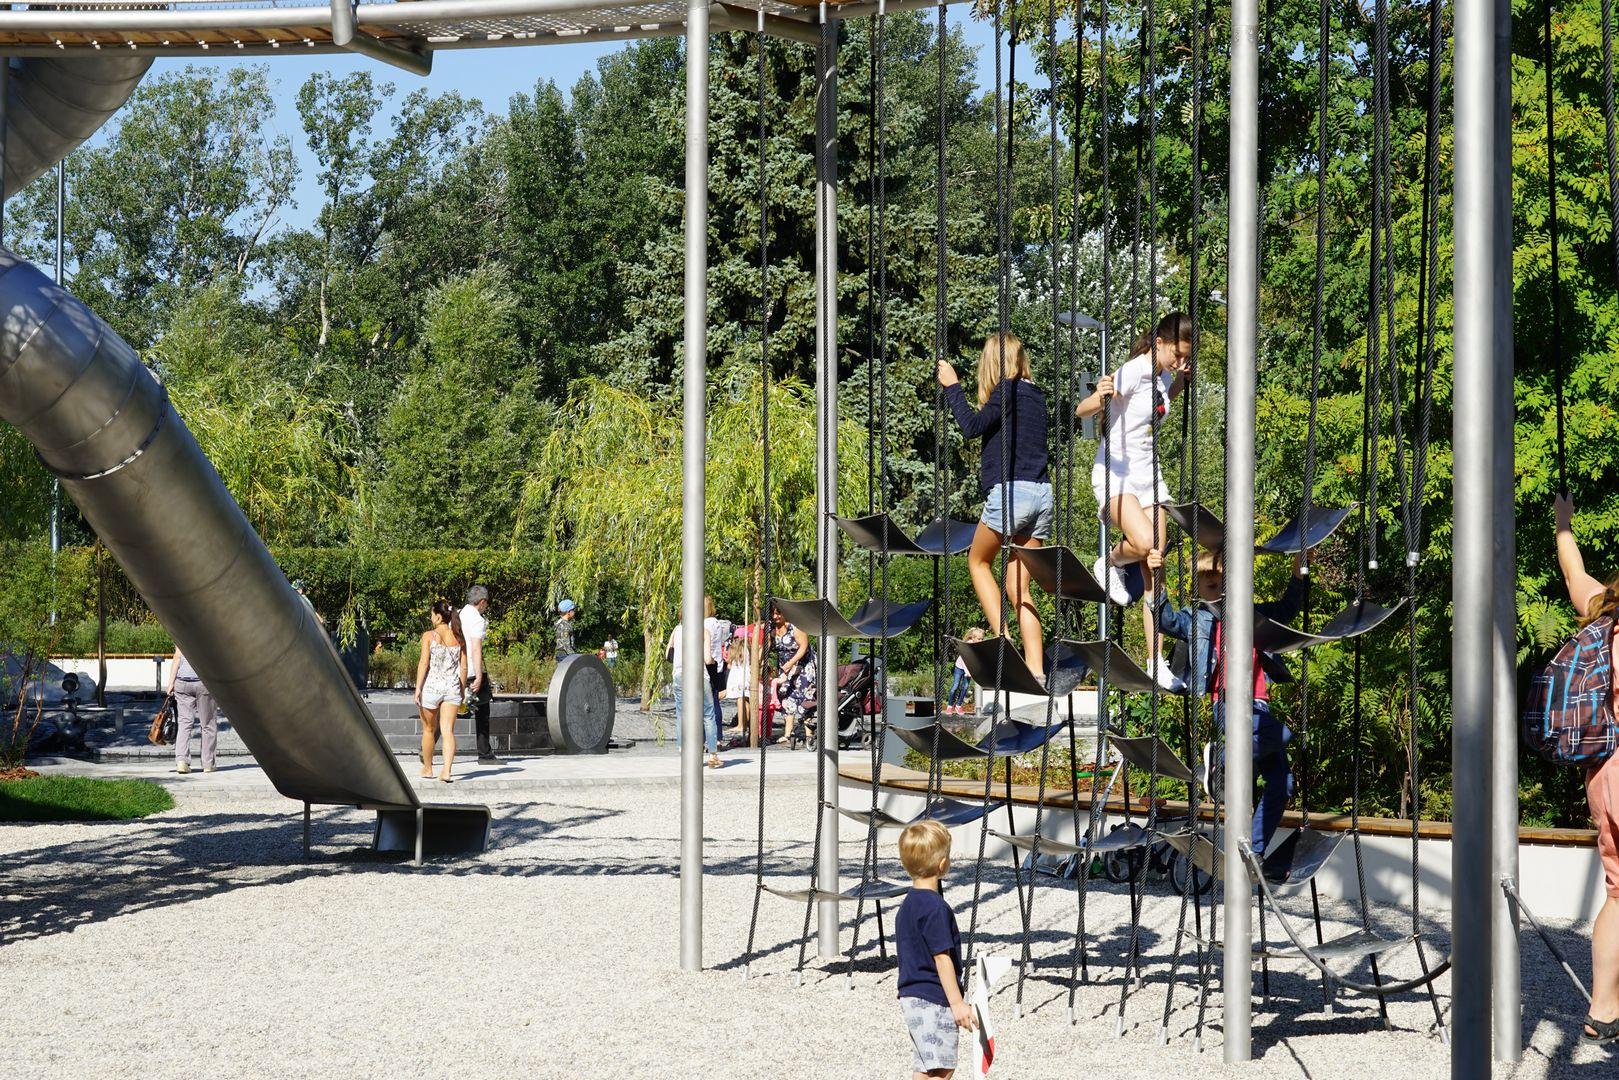 Новая детская площадка «Салют» в парке Горького. Башня